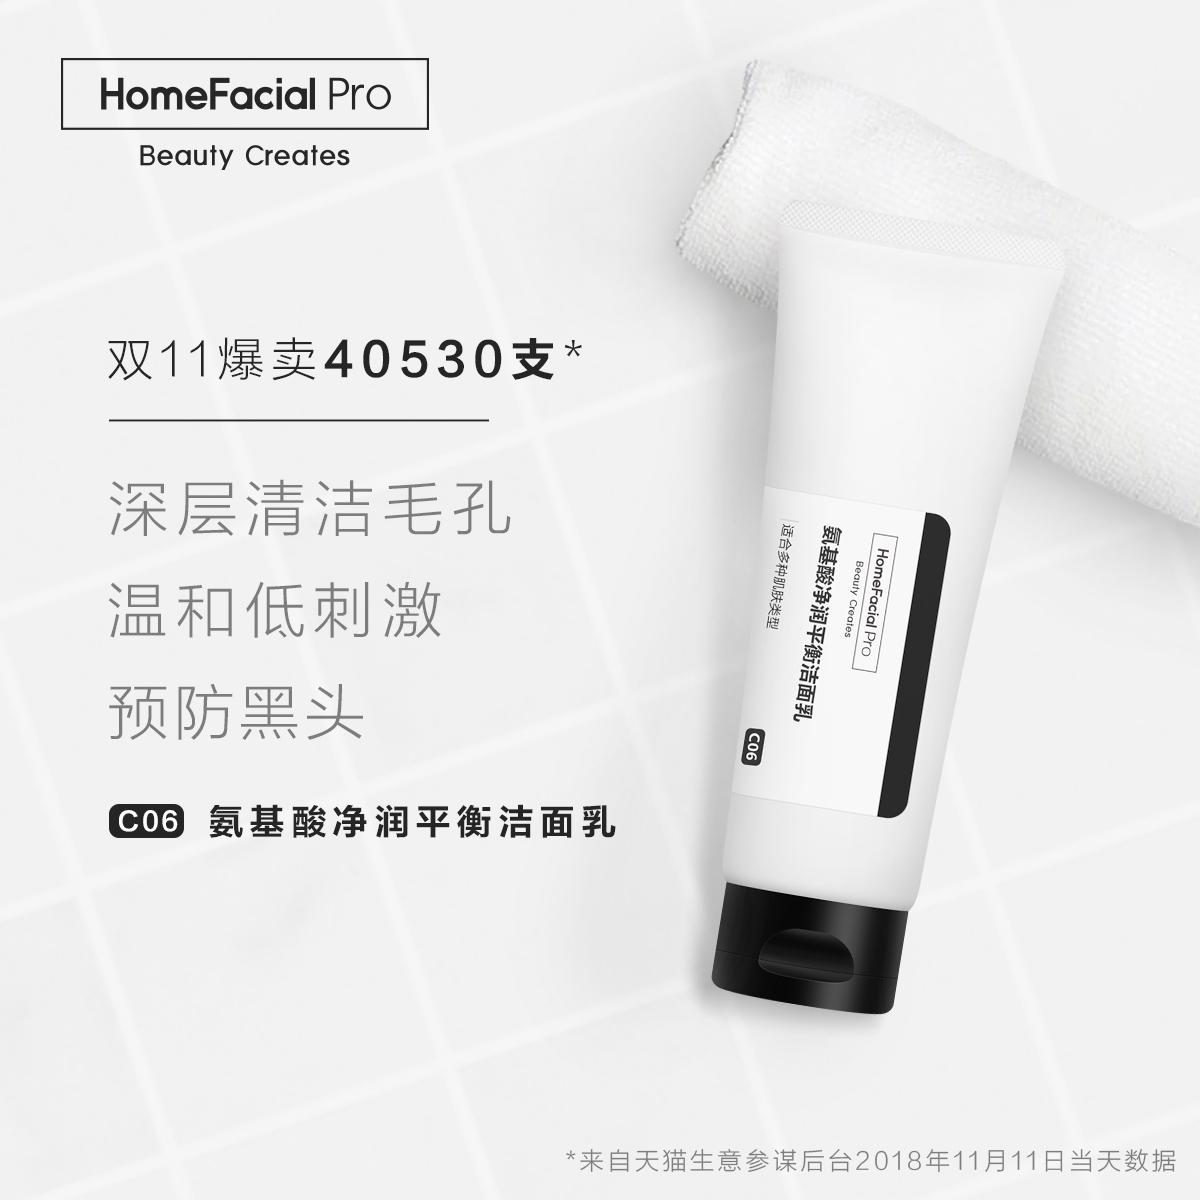 HFP洗面奶 氨基酸净润平衡洁面乳 深层清洁毛孔控油补水男女士